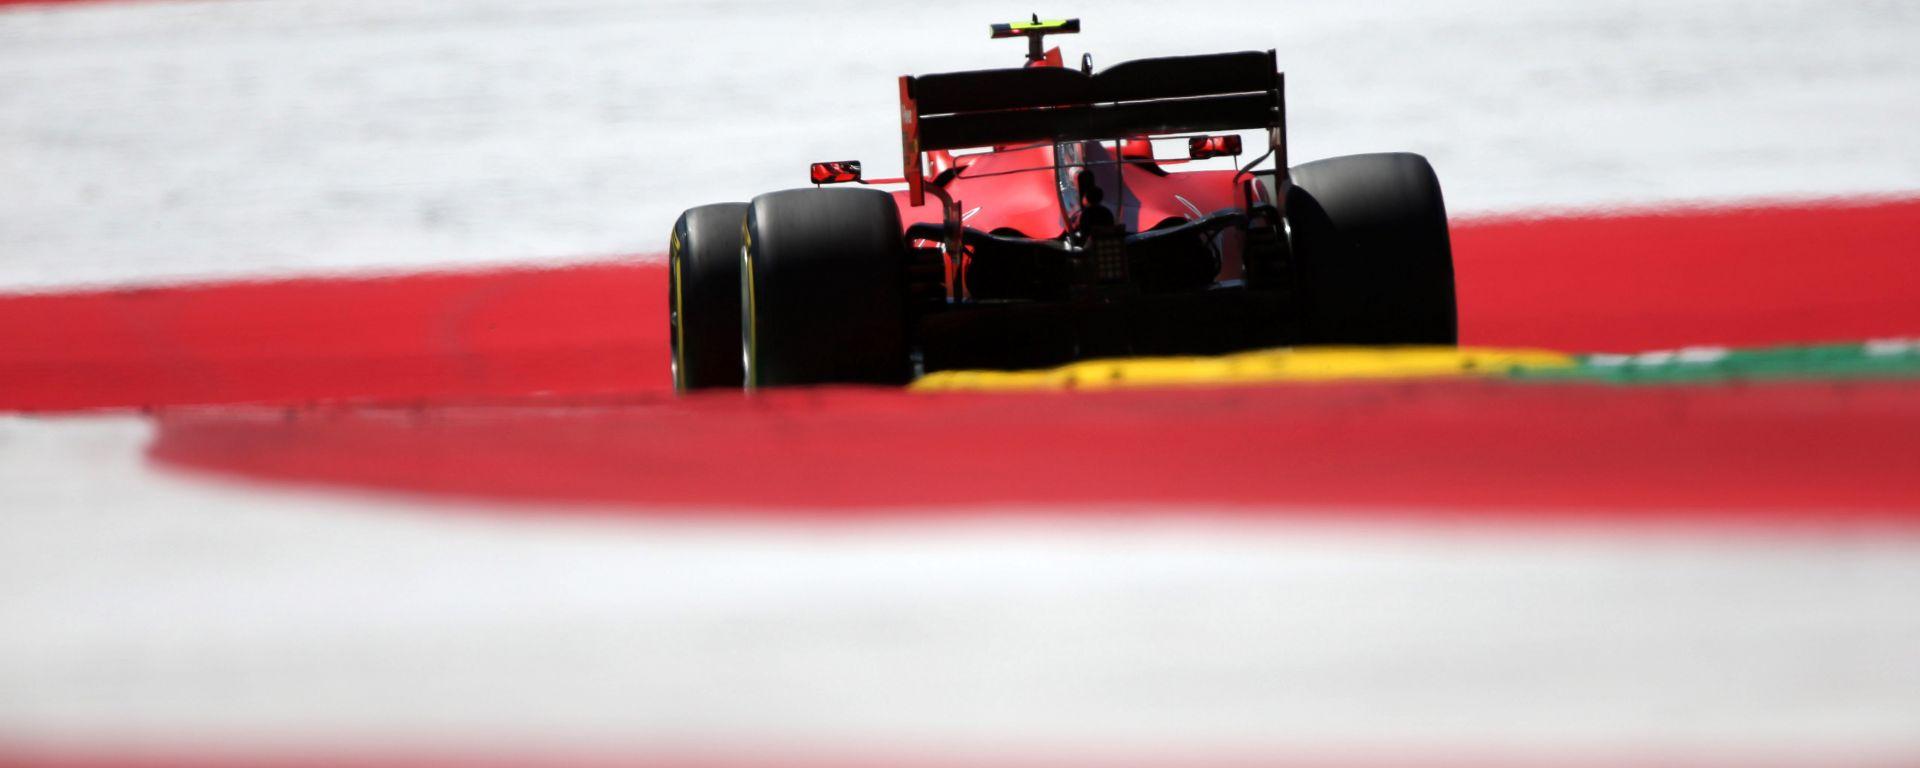 F1 GP Austria 2019, Charles Leclerc è stato il più veloce nelle PL2